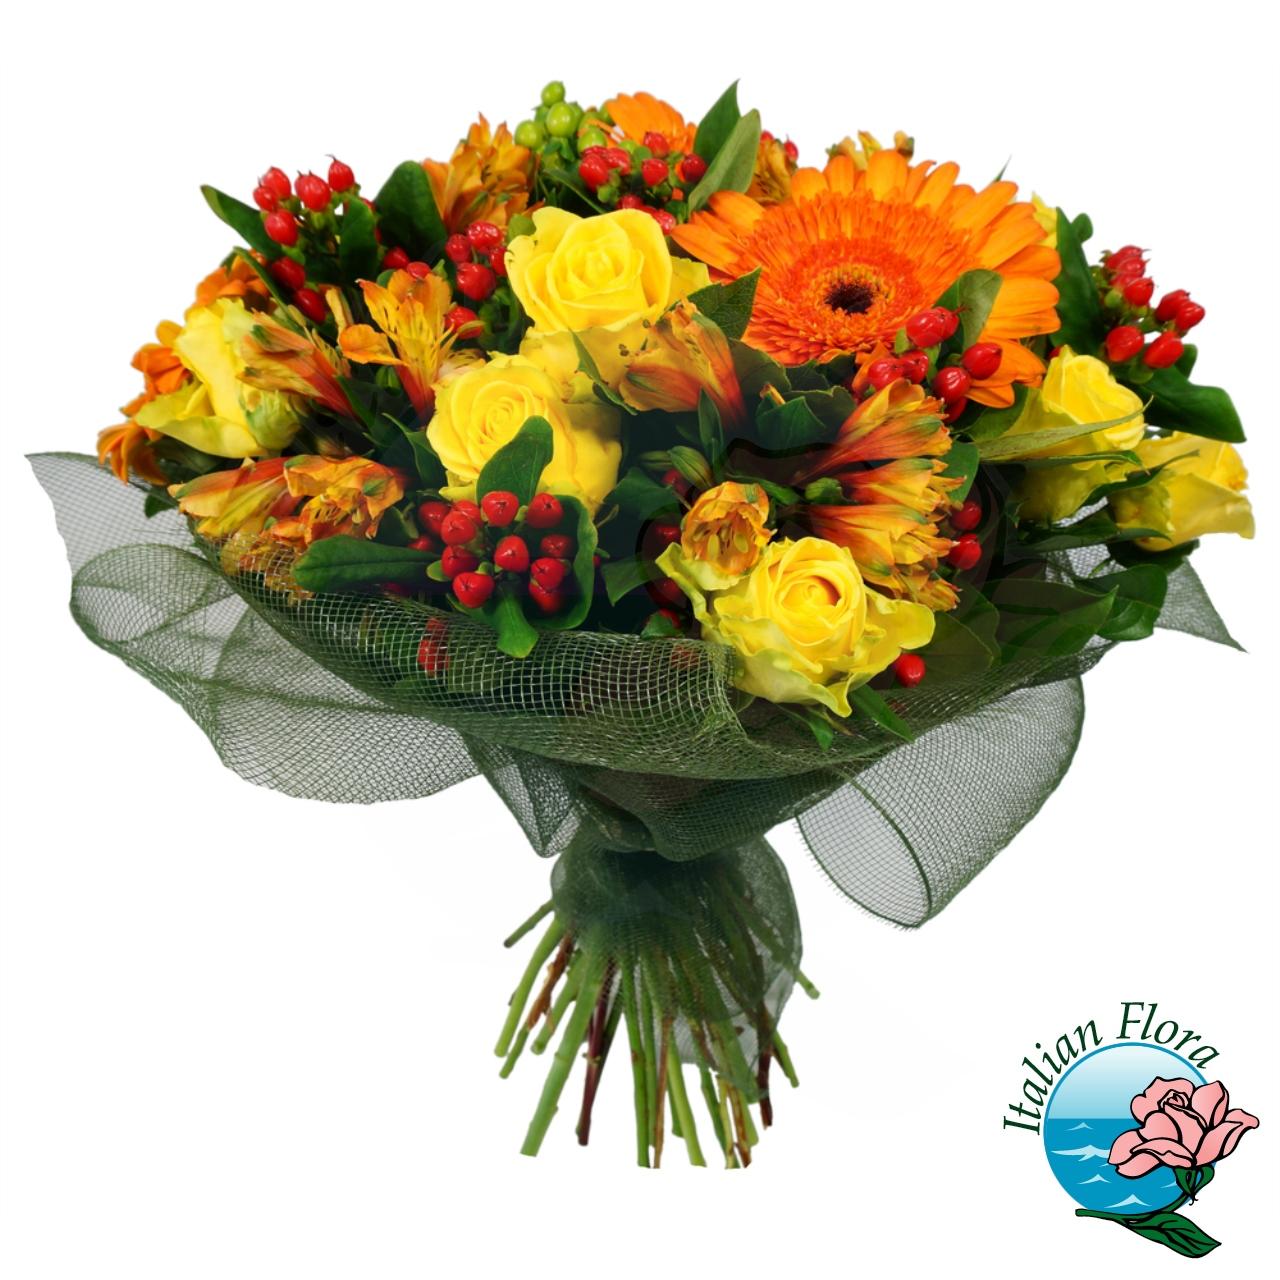 Fiori Gialli Mazzo.Bouquet Di Fiori Misti Gialli E Arancio